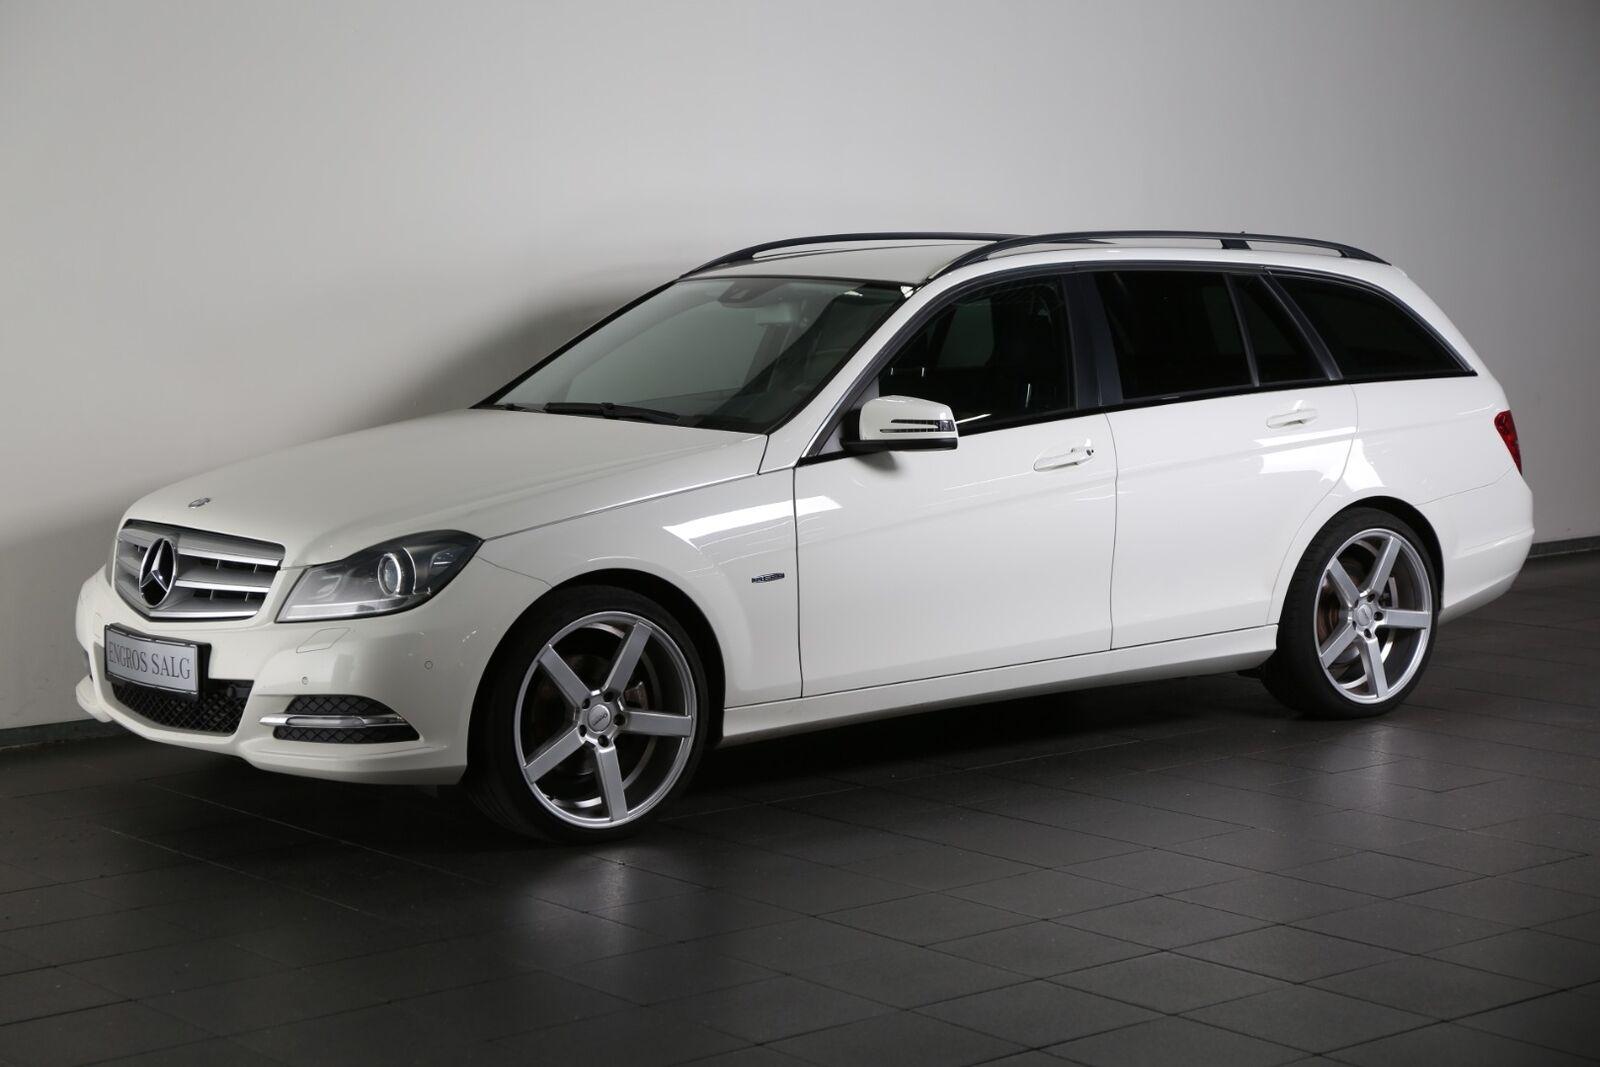 Mercedes-Benz C220 2,2 CDi stc. BE Van